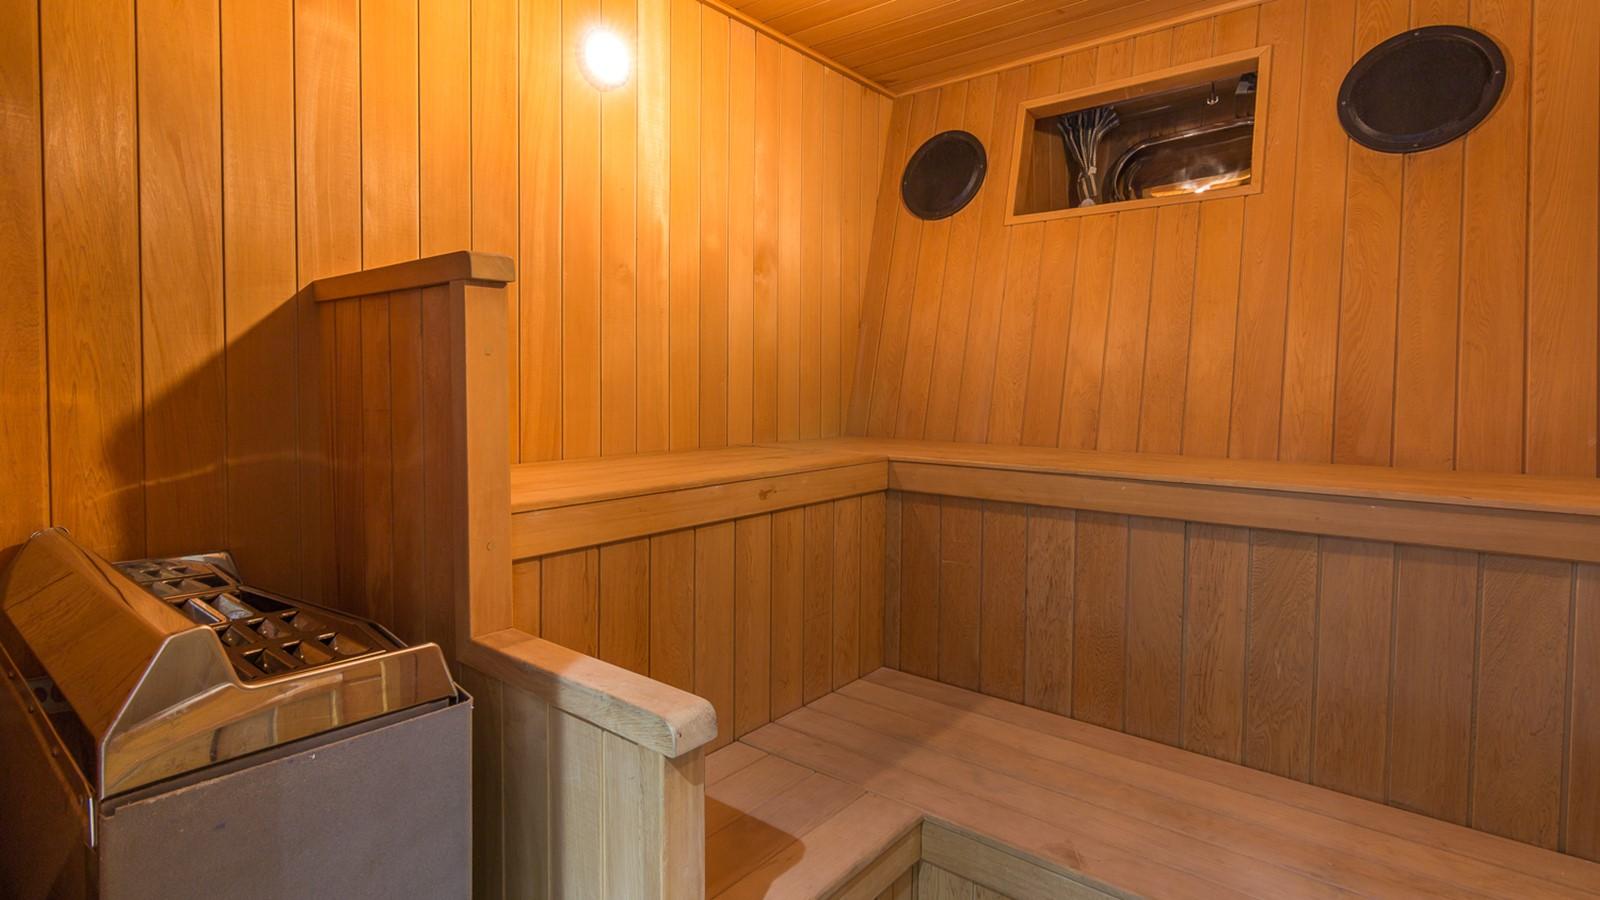 Sauna 2000 HORIZON 110 Motor Yacht Motor Yacht 1895806